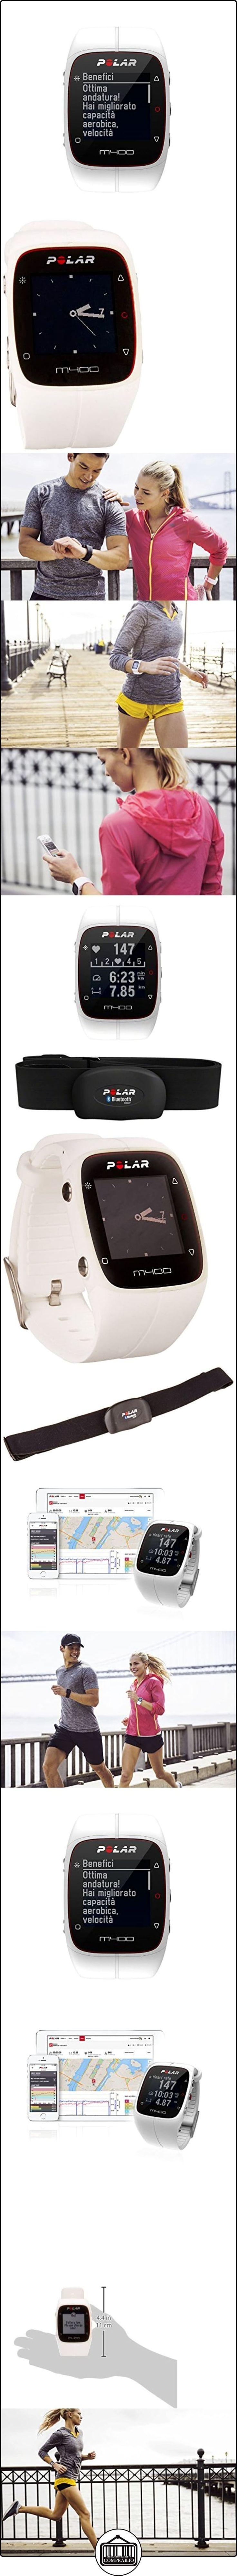 Polar M400 HR - Reloj de entrenamiento con GPS integrado y registro de actividad con sensor de frecuencia cardíaca H7, color blanco  ✿ Relojes para mujer - (Gama media/alta) ✿